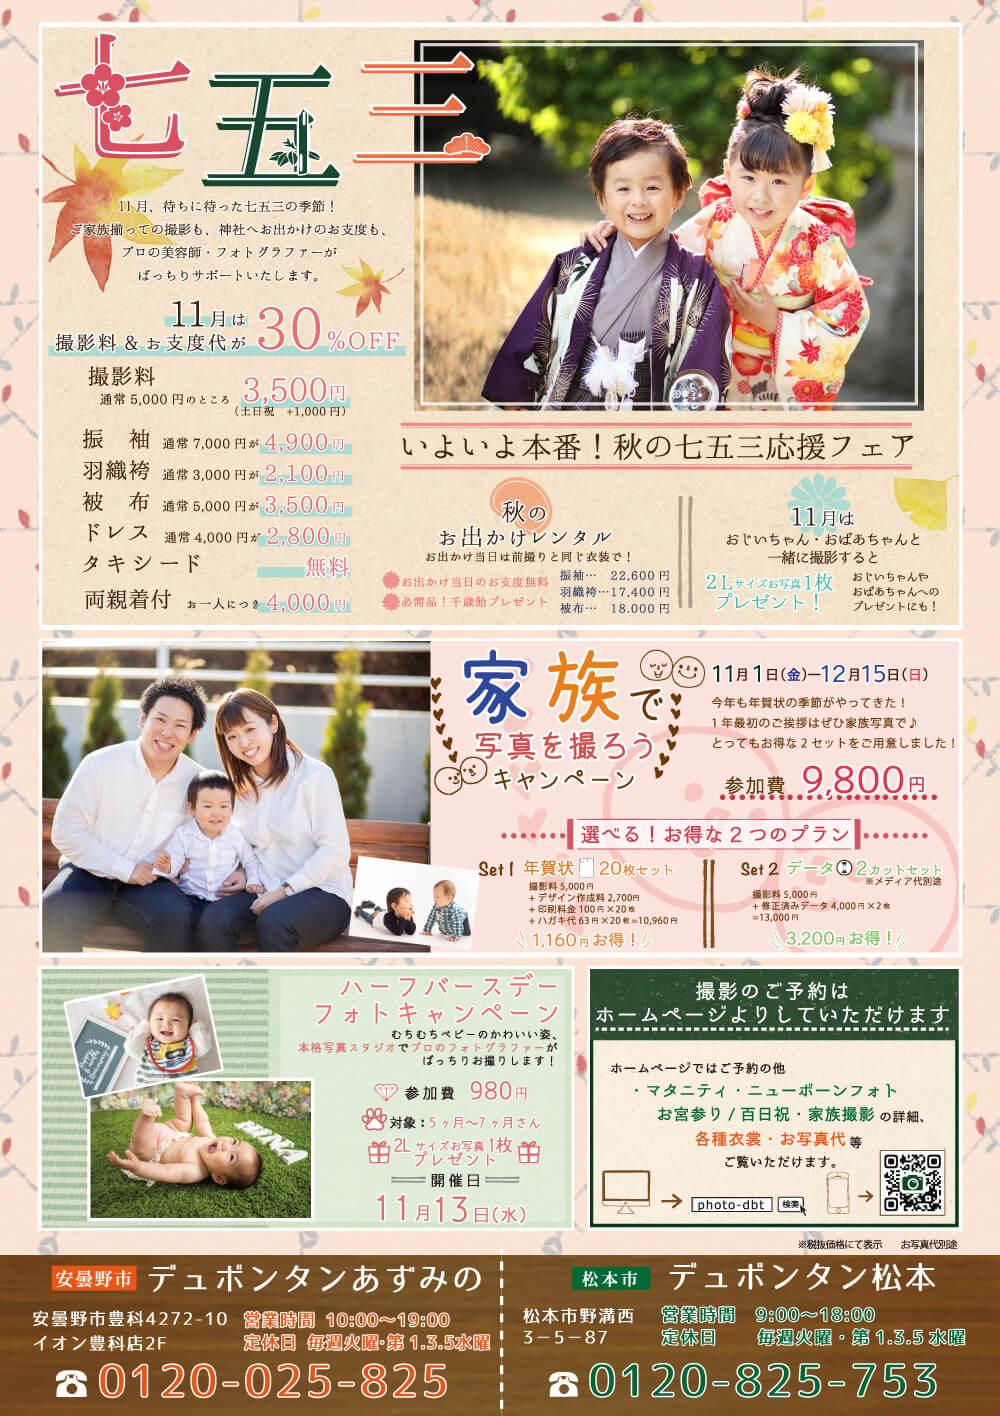 デュボンタン 七五三・ハーフバースディ・年賀状家族写真 撮影 アルバム